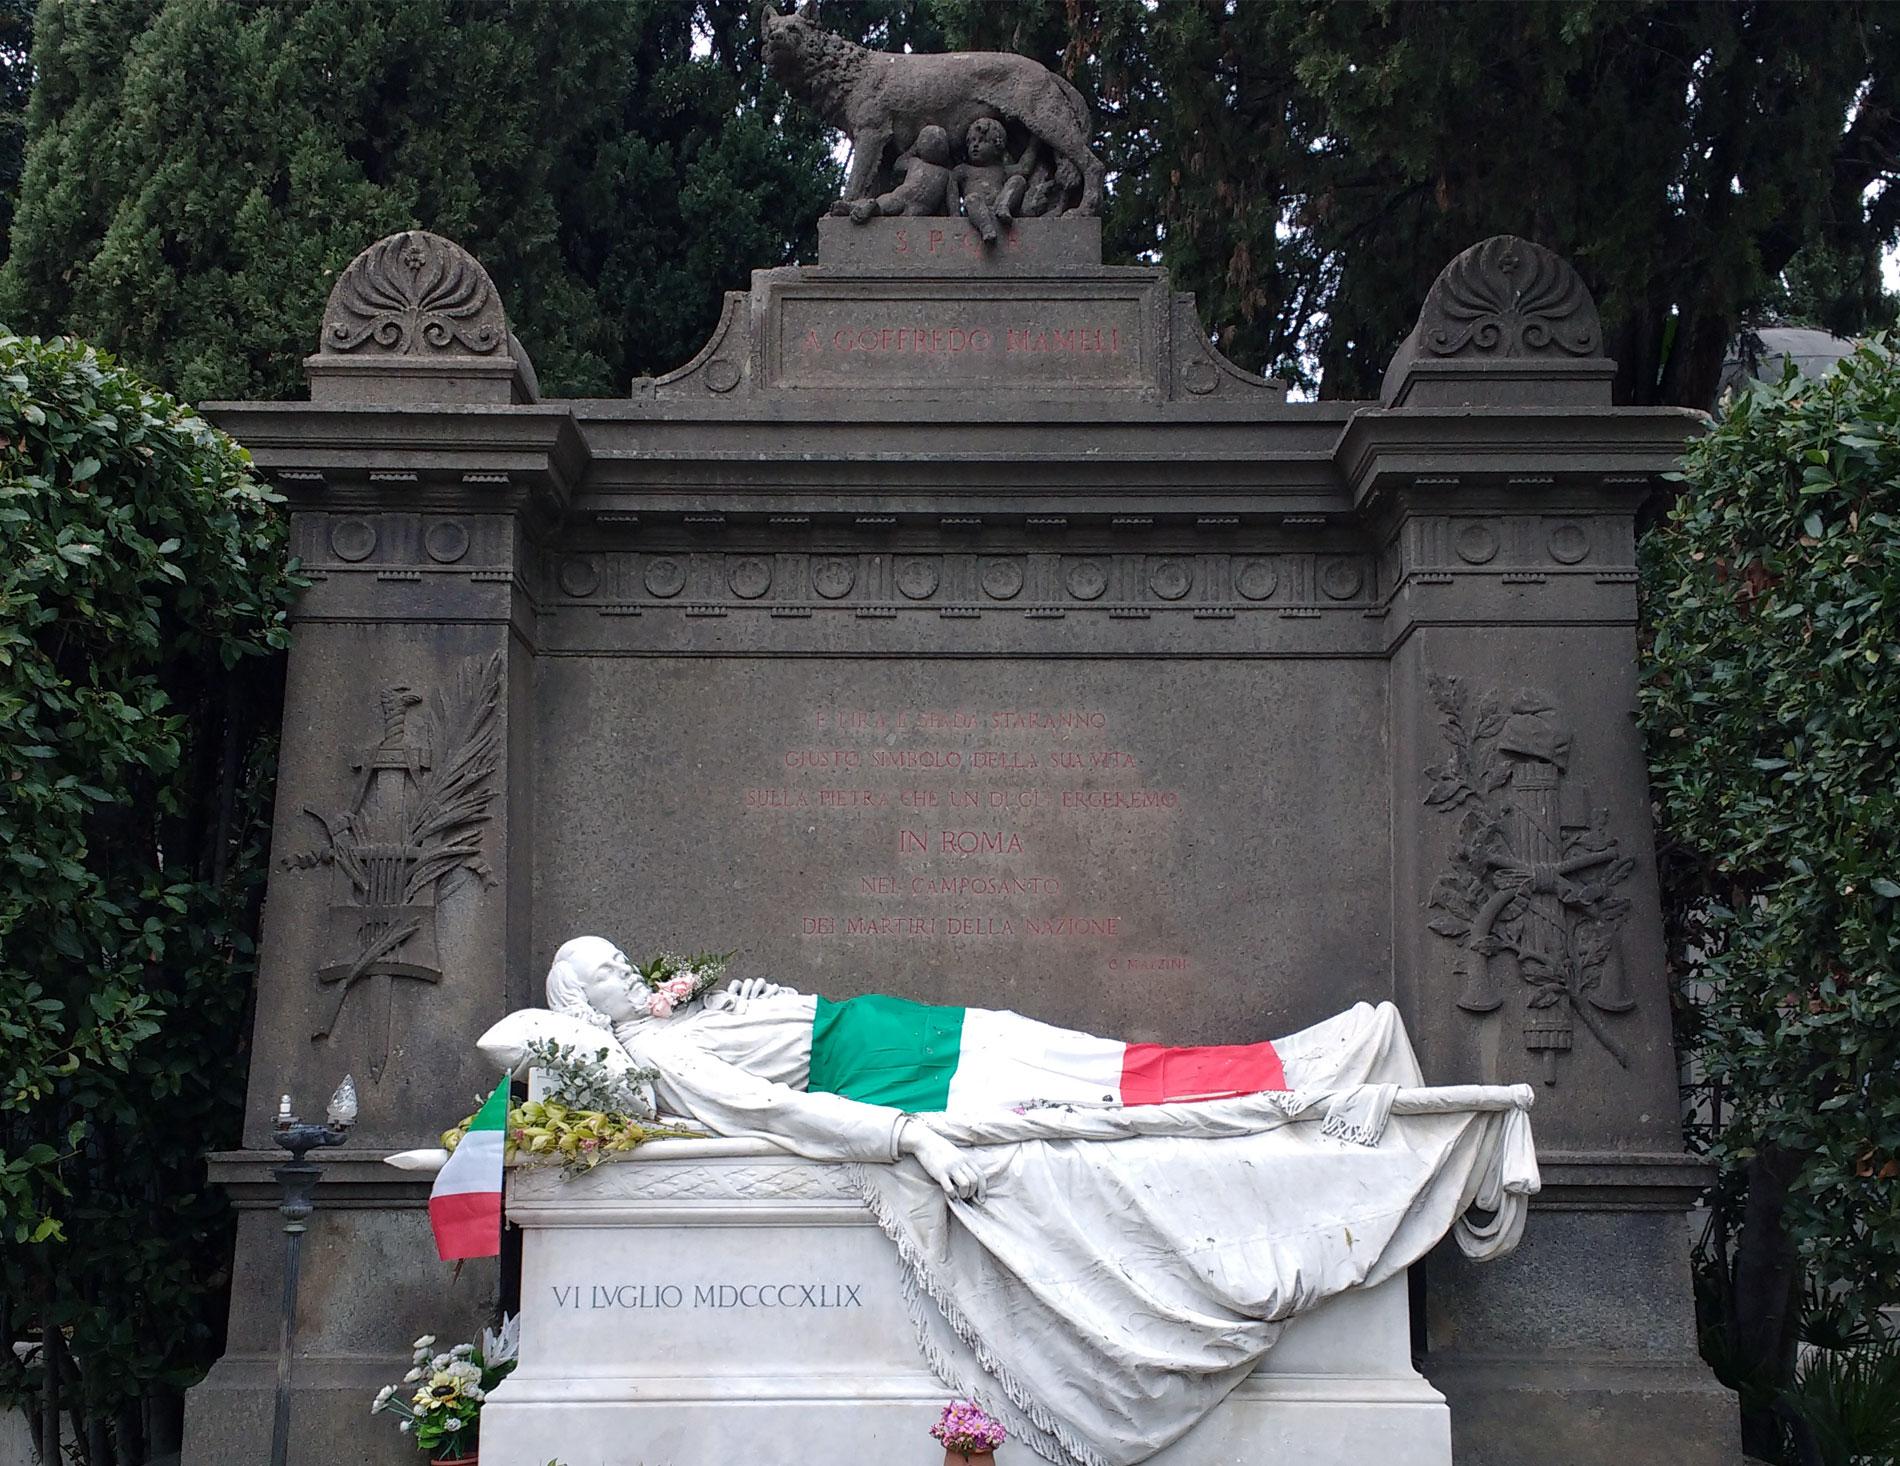 Taffo Onoranze Funebri - Cimitero Del Verano - Monumento Funebre Dedicato a Goffredo Mameli